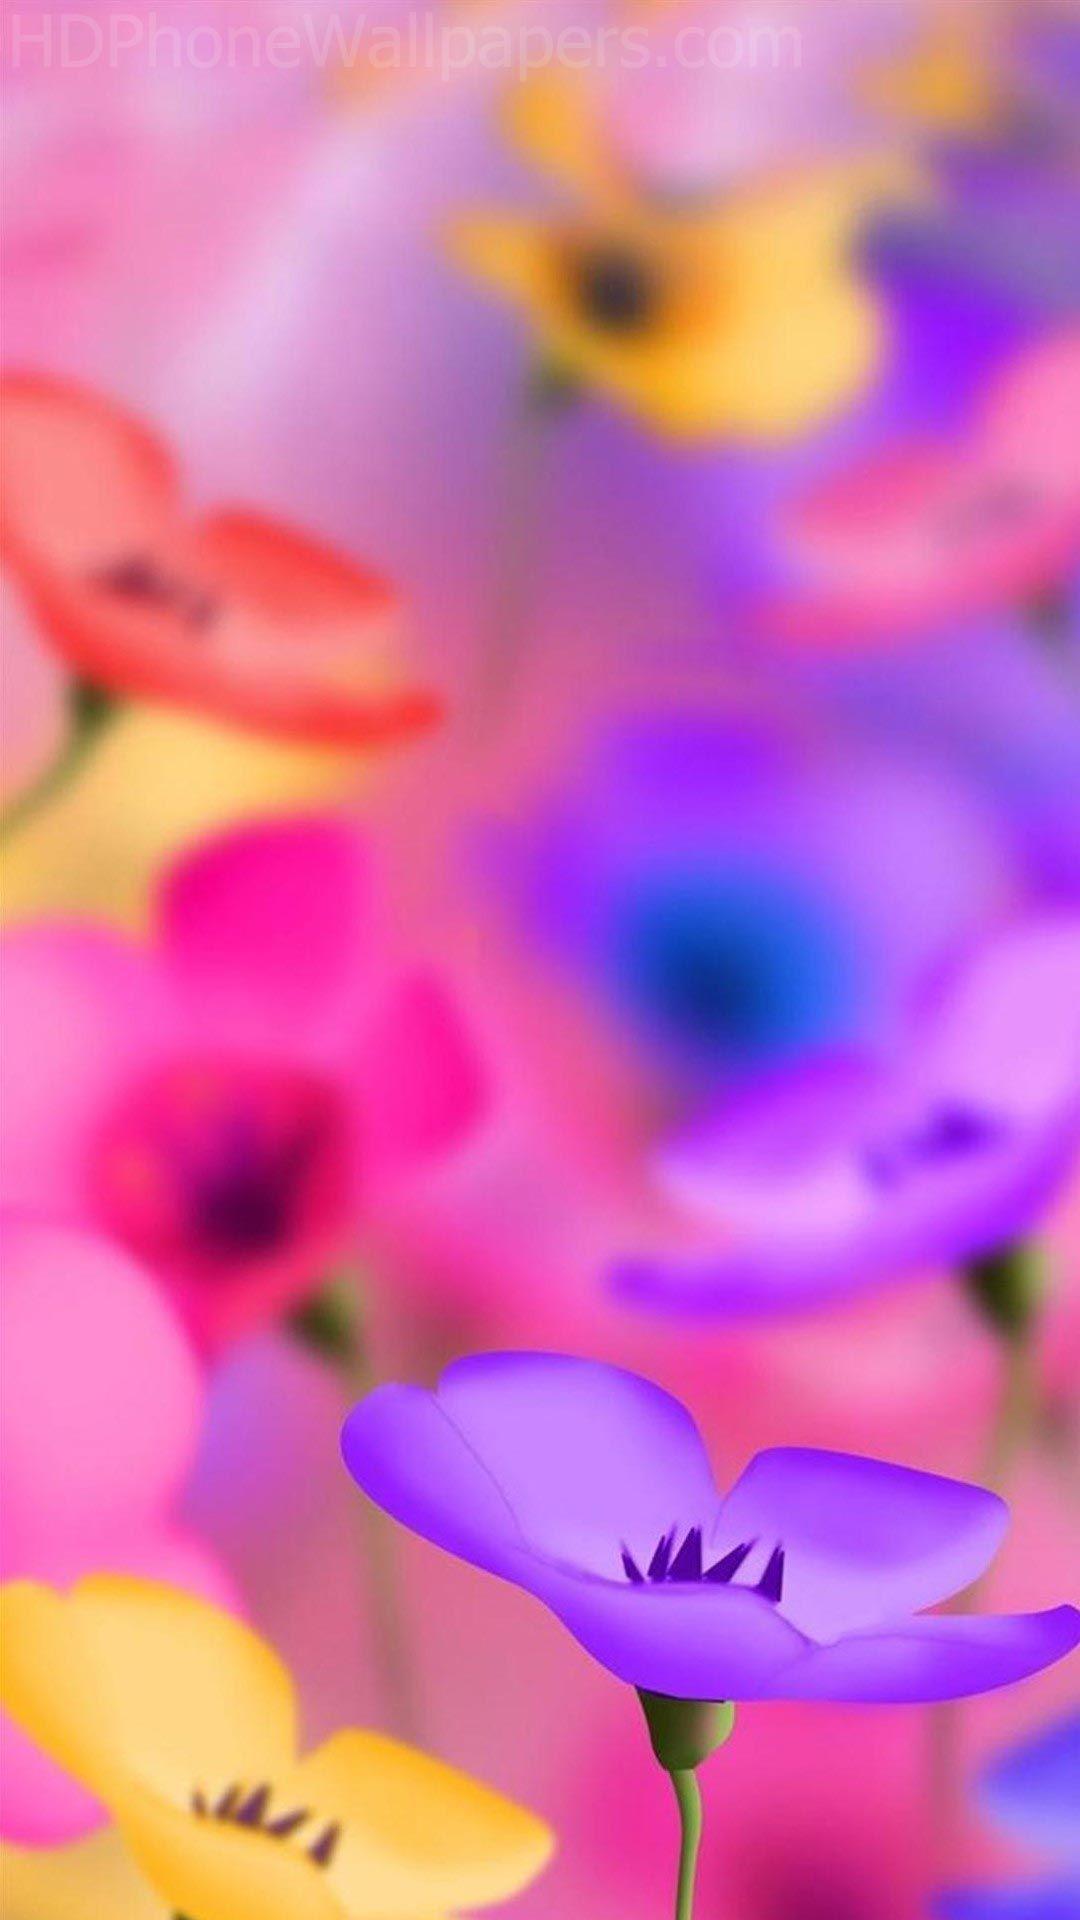 free samsung gt s6102 galaxy y duos neon love live wallpaper app